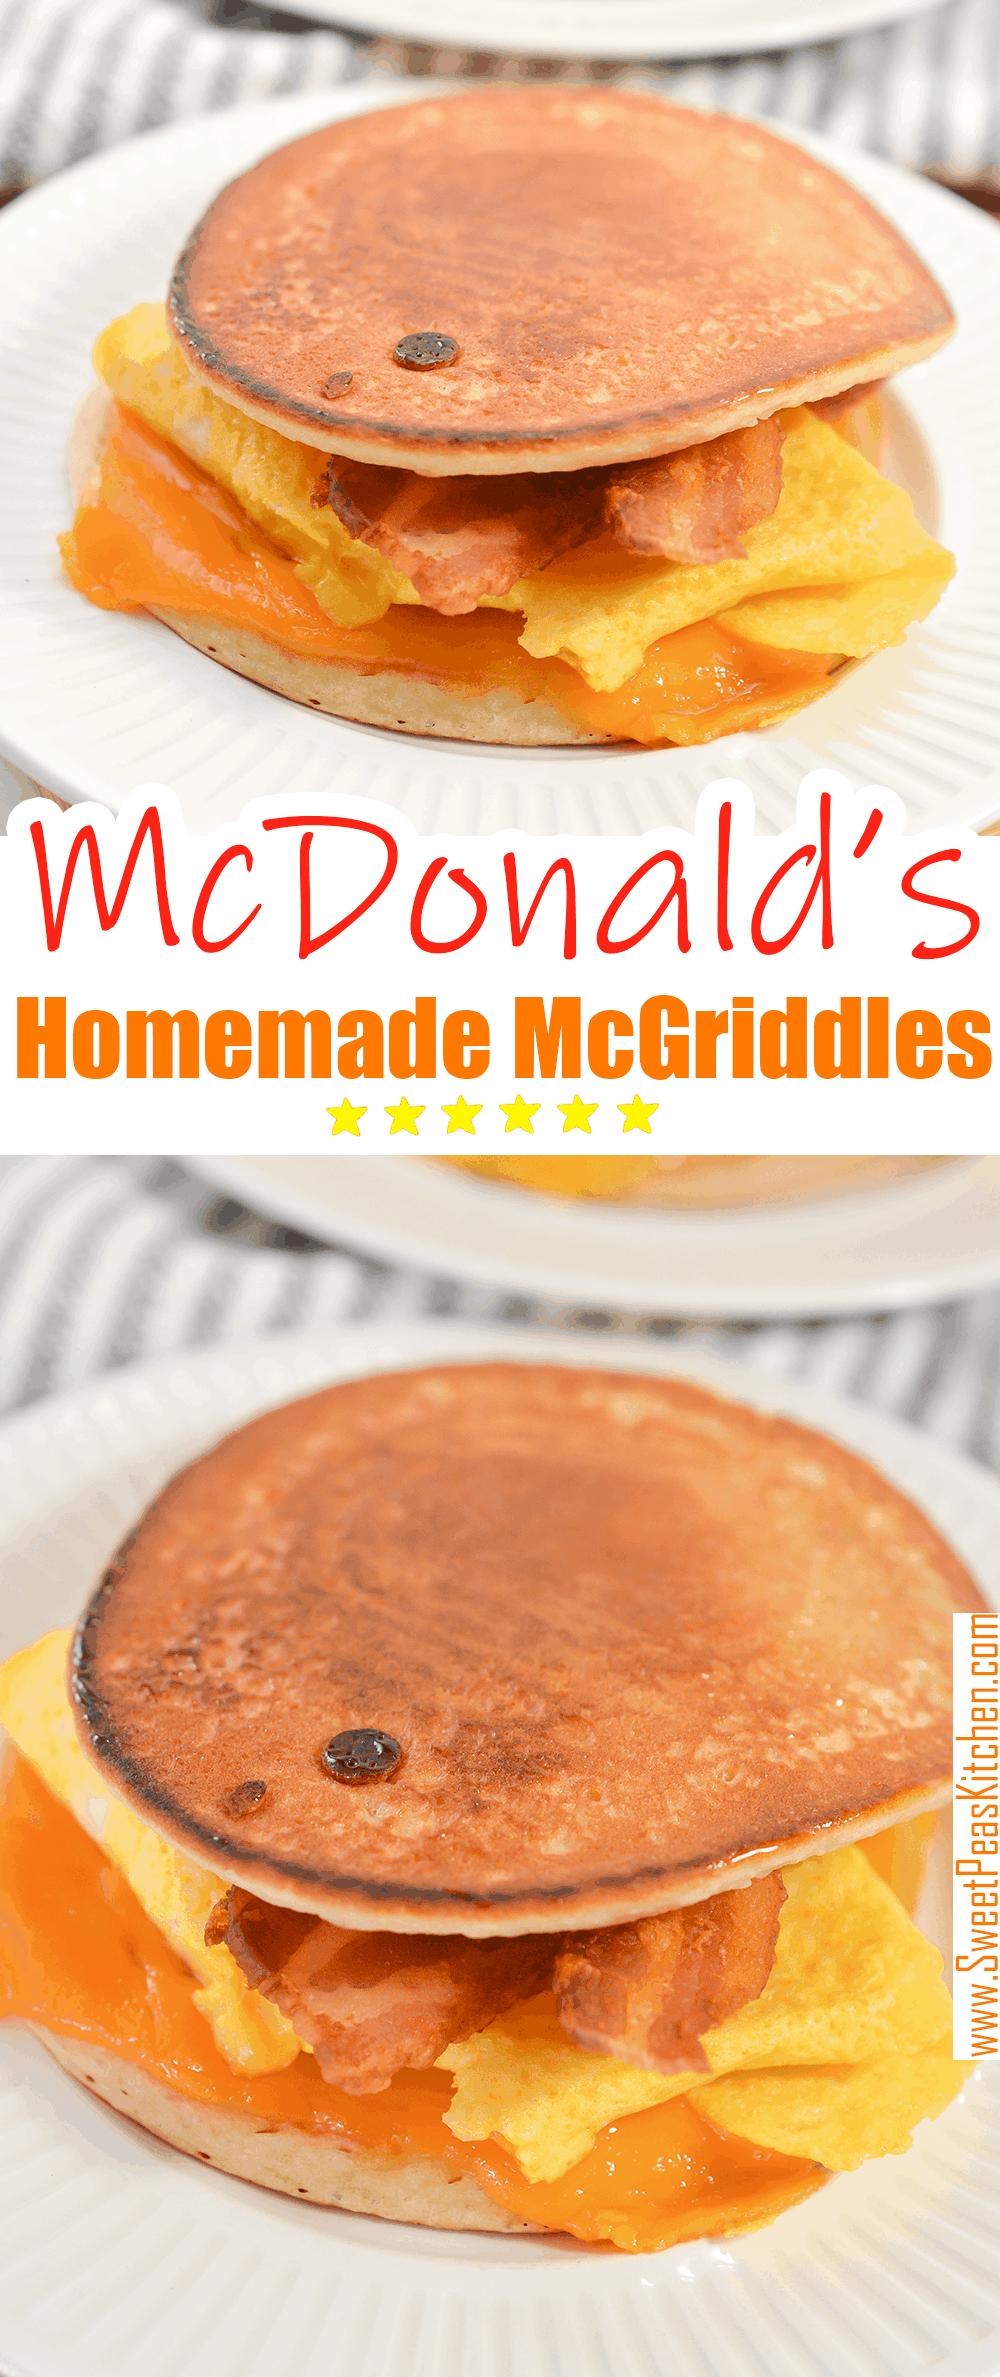 Homemade McDonald's McGriddles